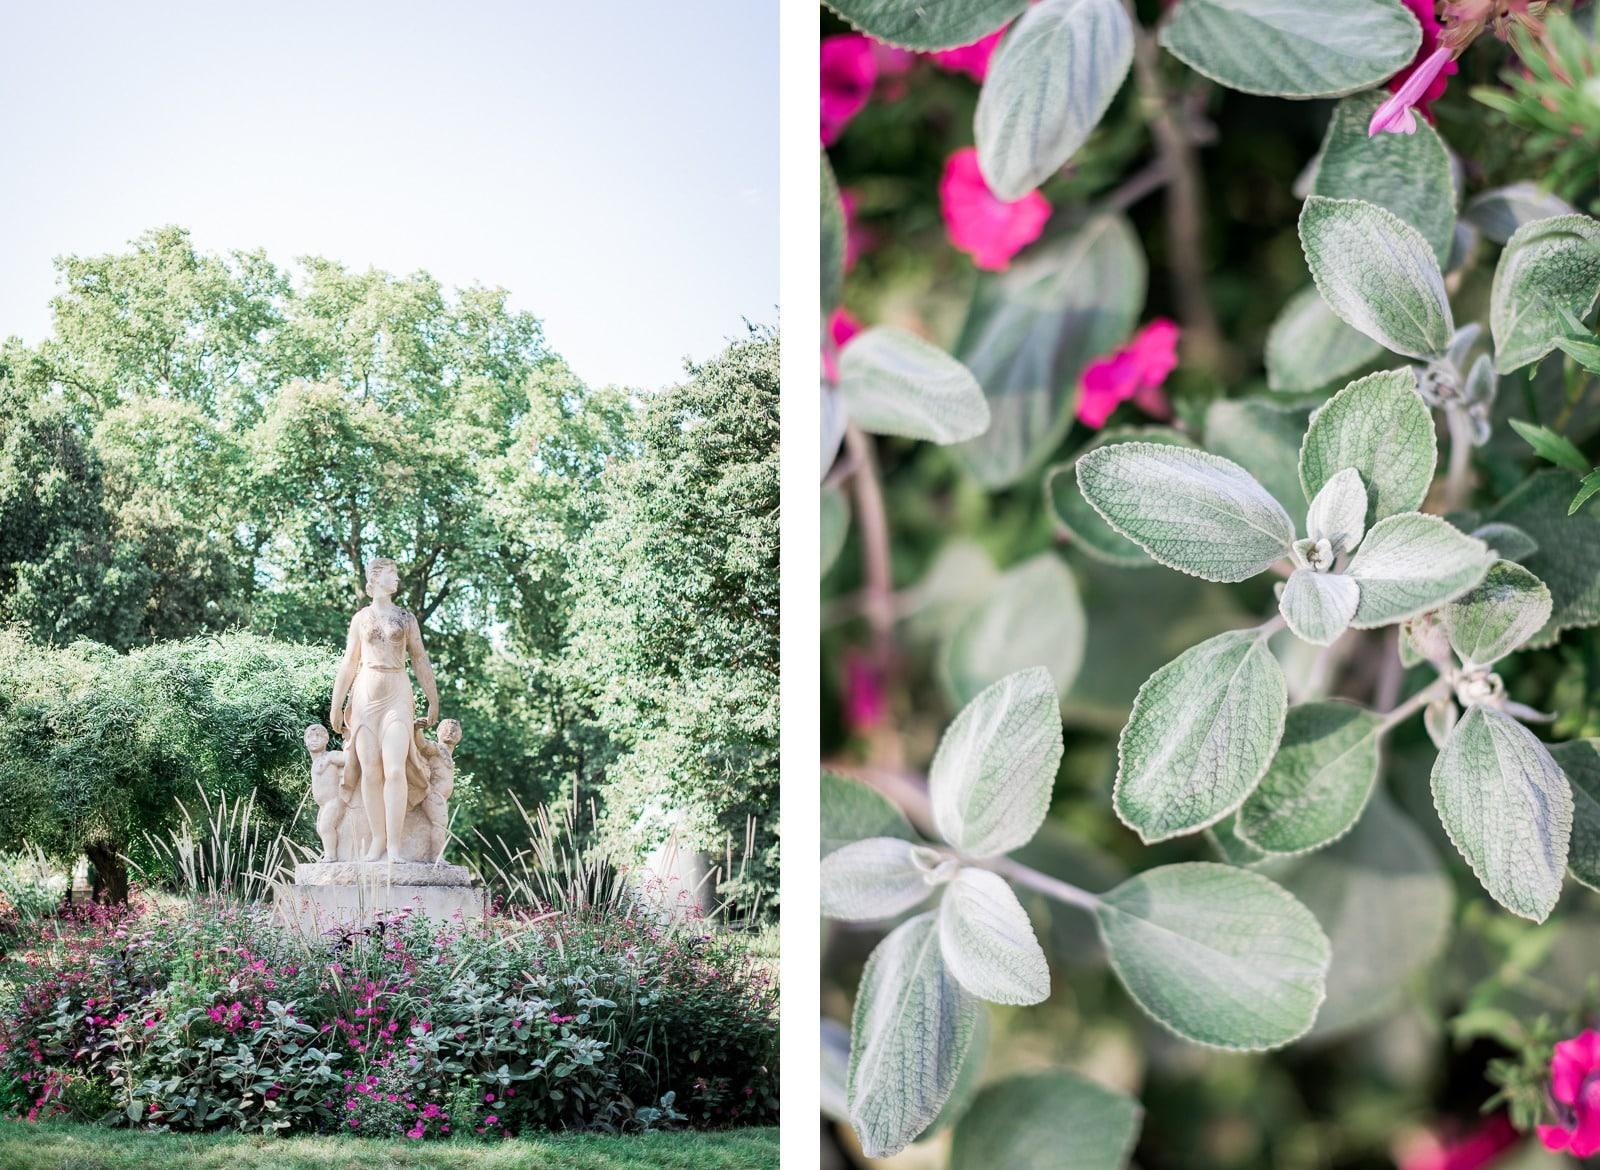 Photographie de Mathieu Dété, photographe de couple et famille sur l'île de la Réunion (974), présentant les détails du jardin des plantes de Toulouse